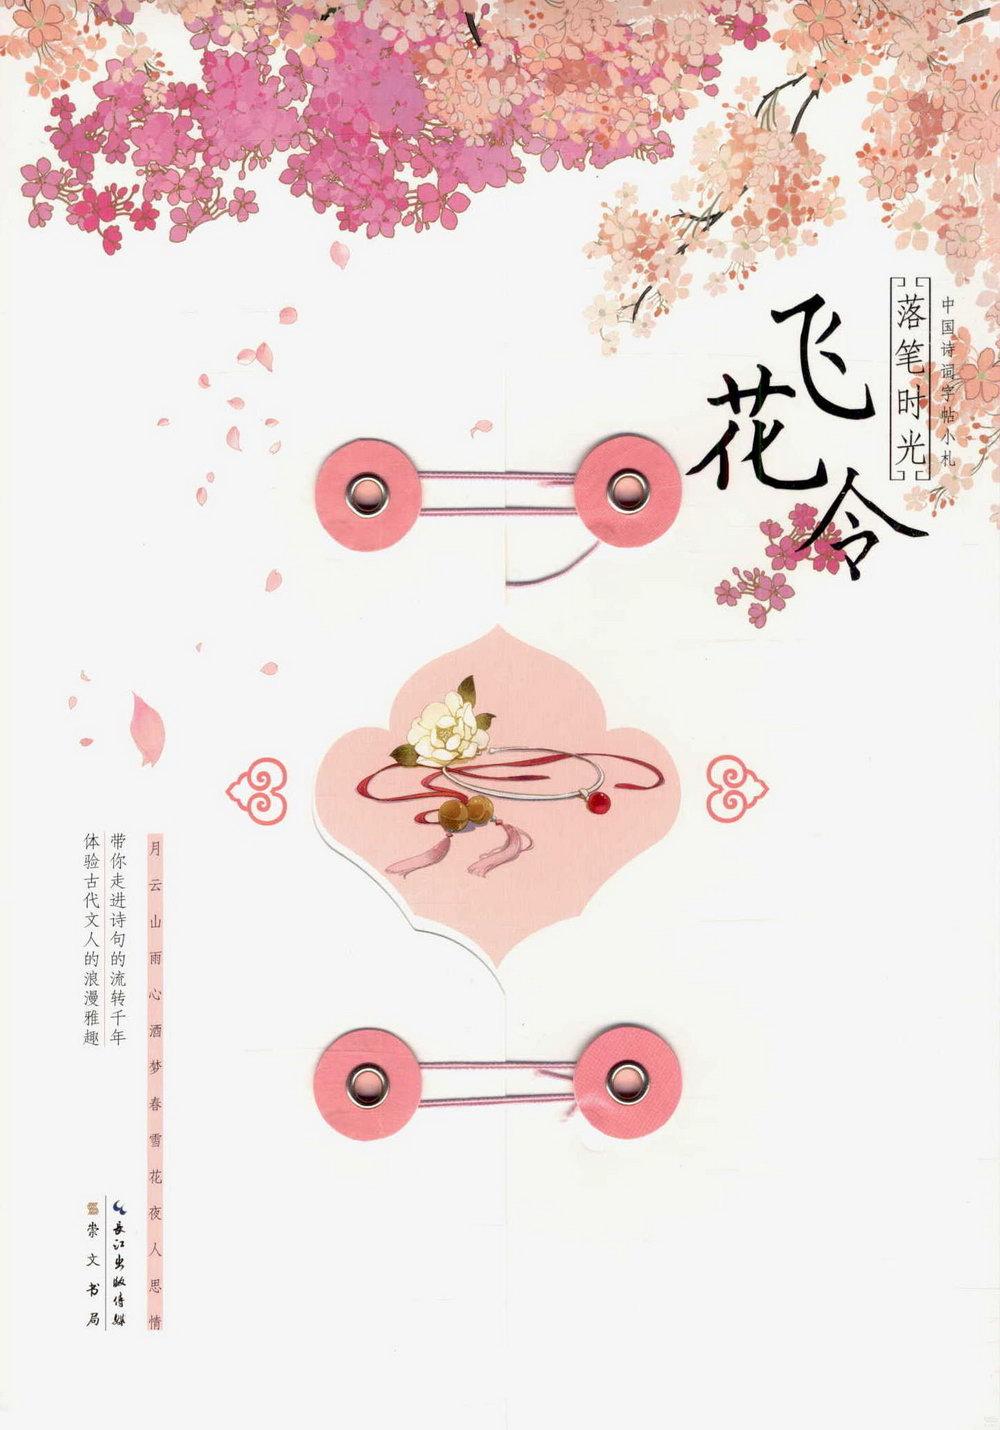 中國詩詞字帖小札:落筆時光.飛花令